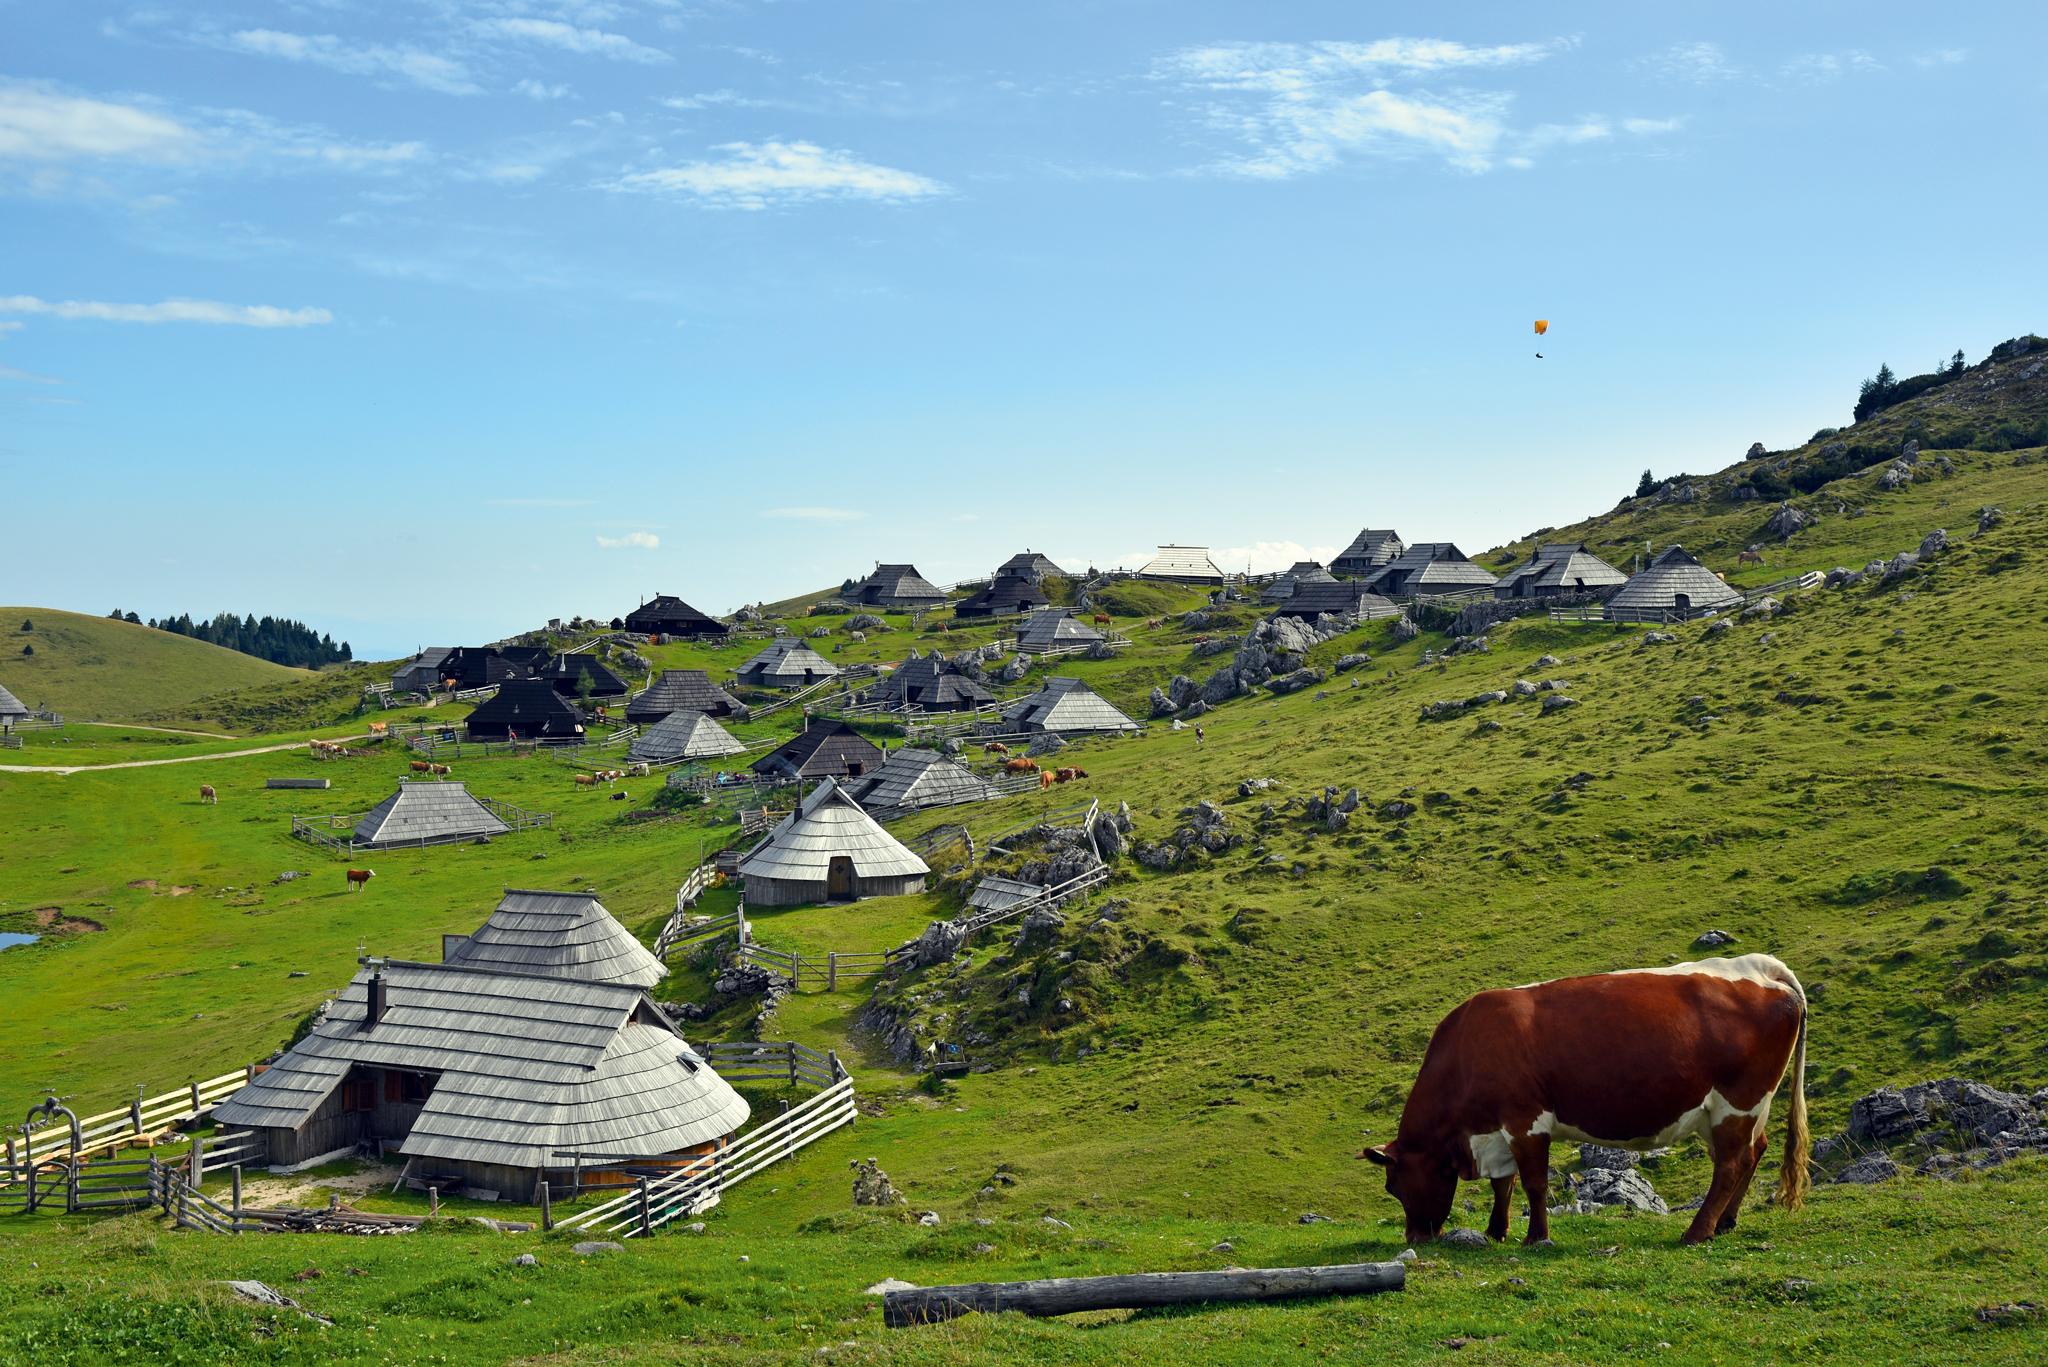 Historische Almen auf der Hochfläche Velika Planina. © Lutz Bormann